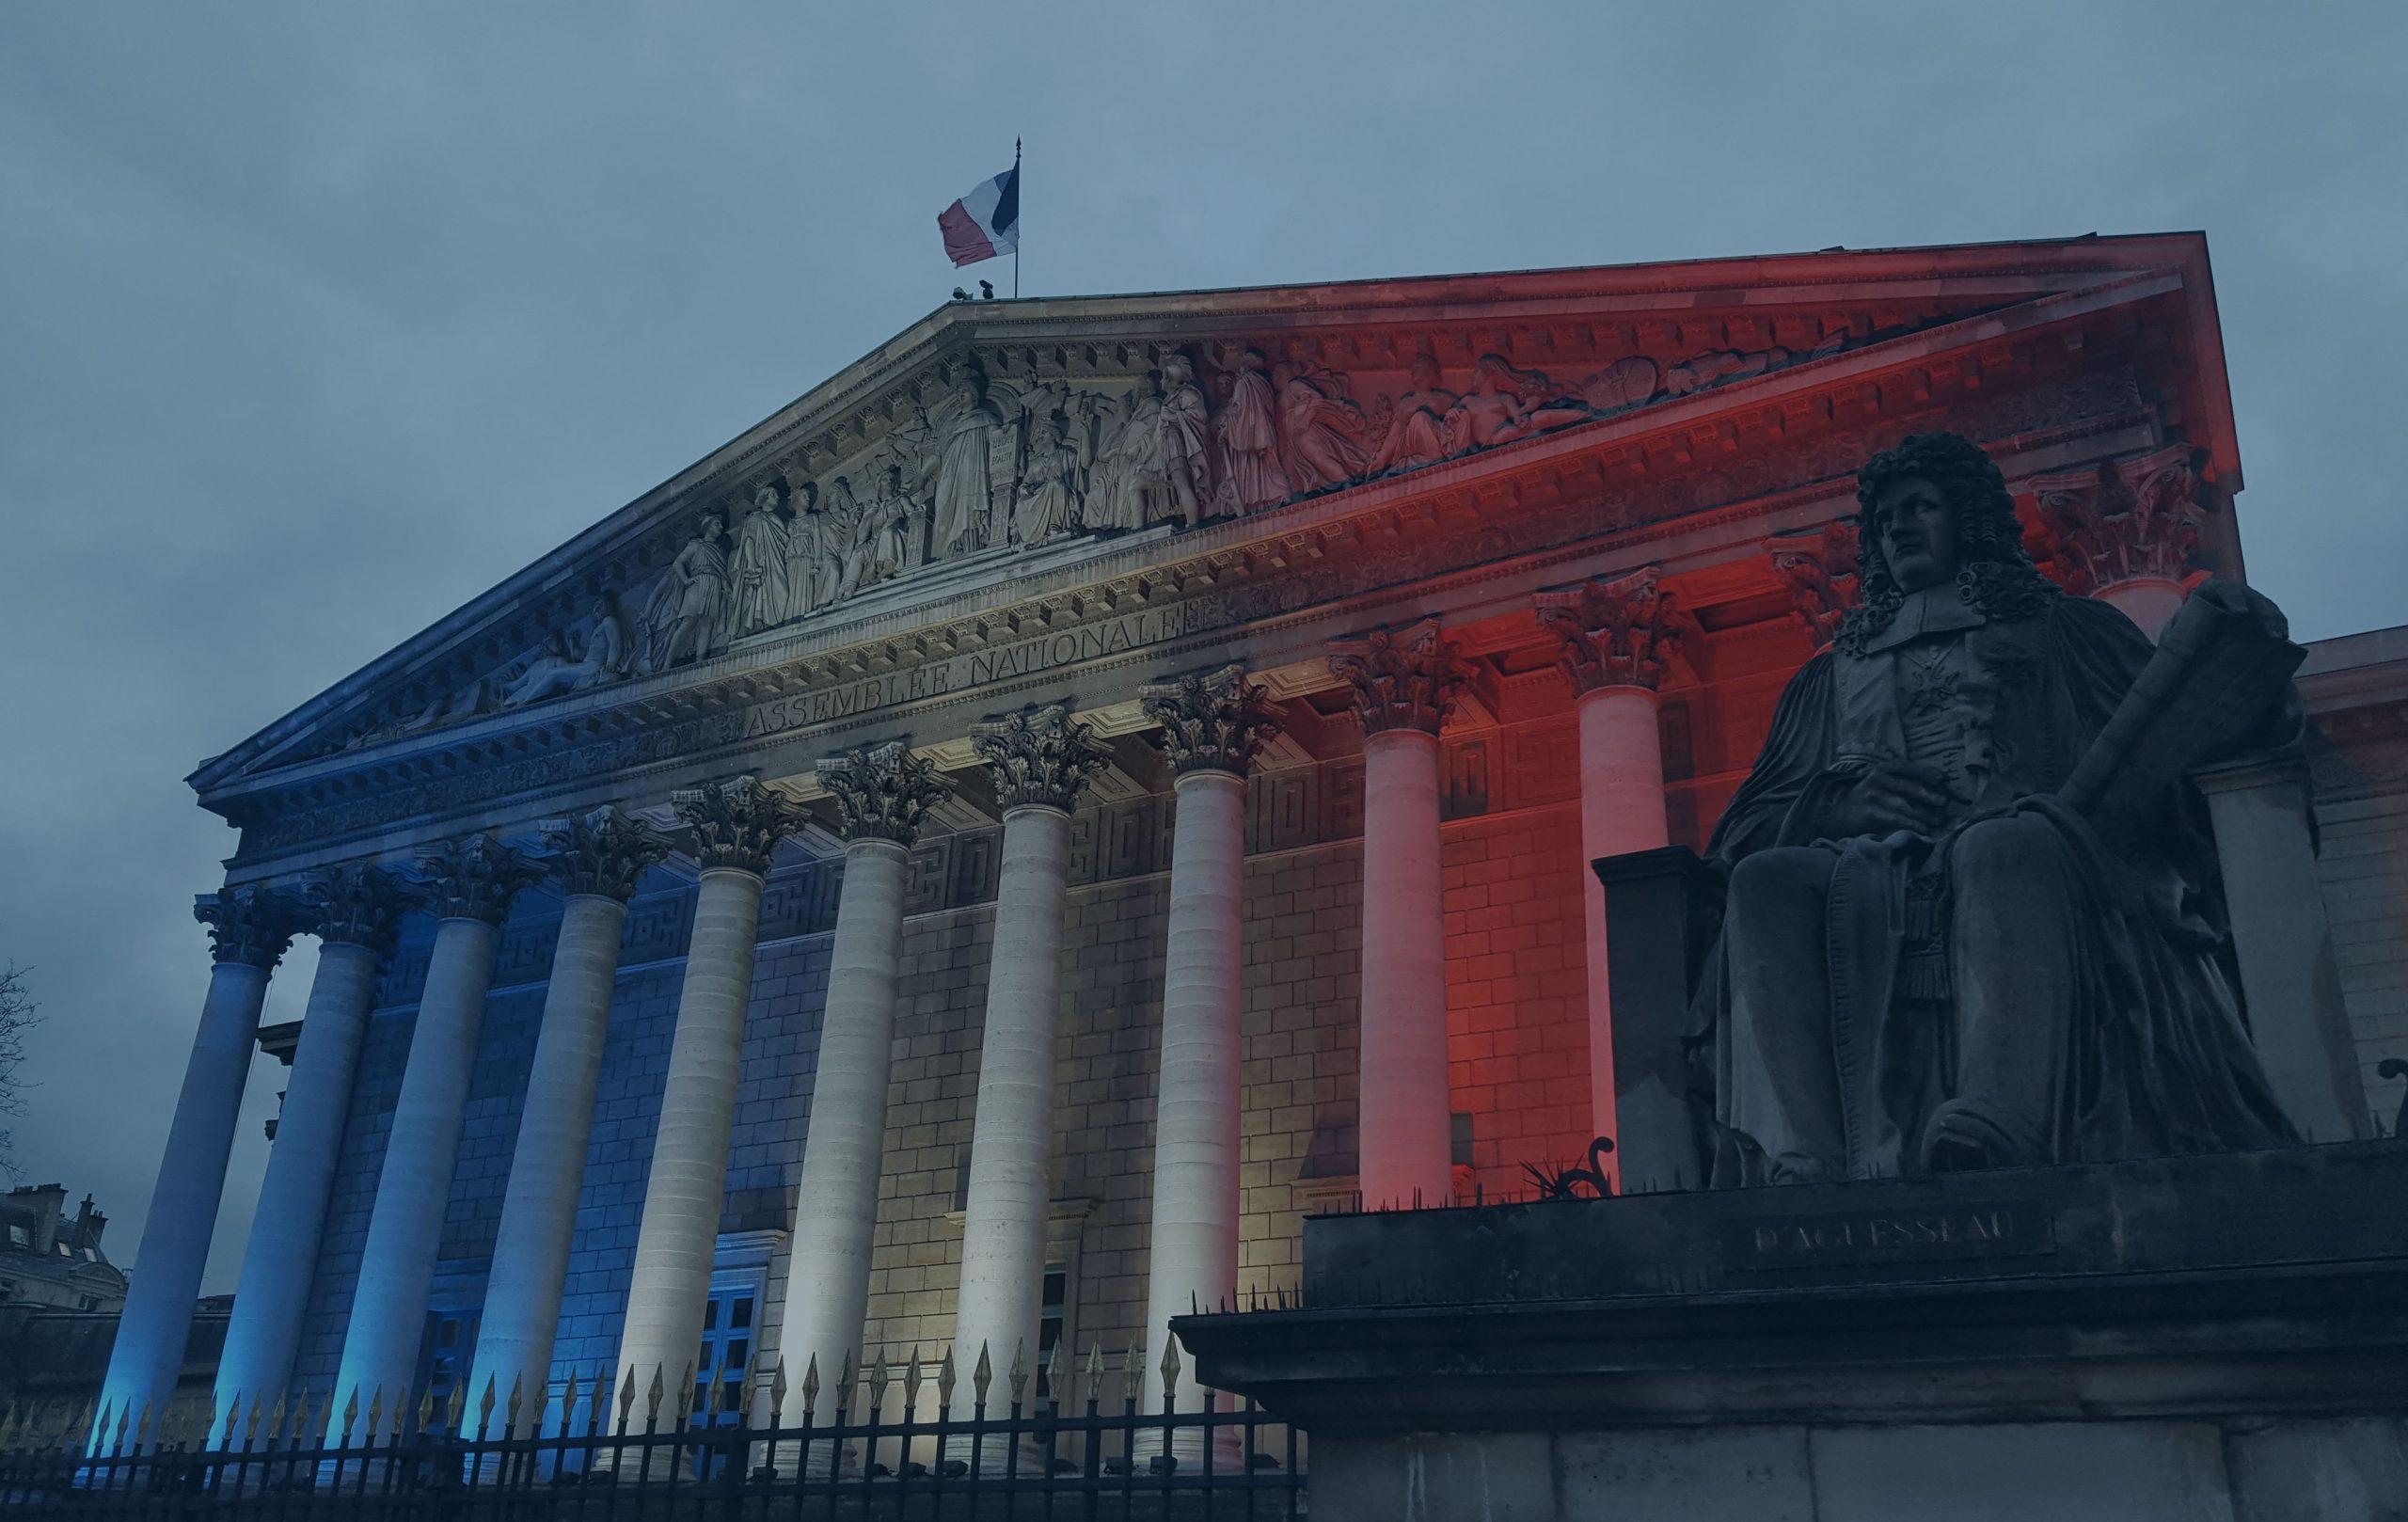 vue de la façade de l'assemblée nationale